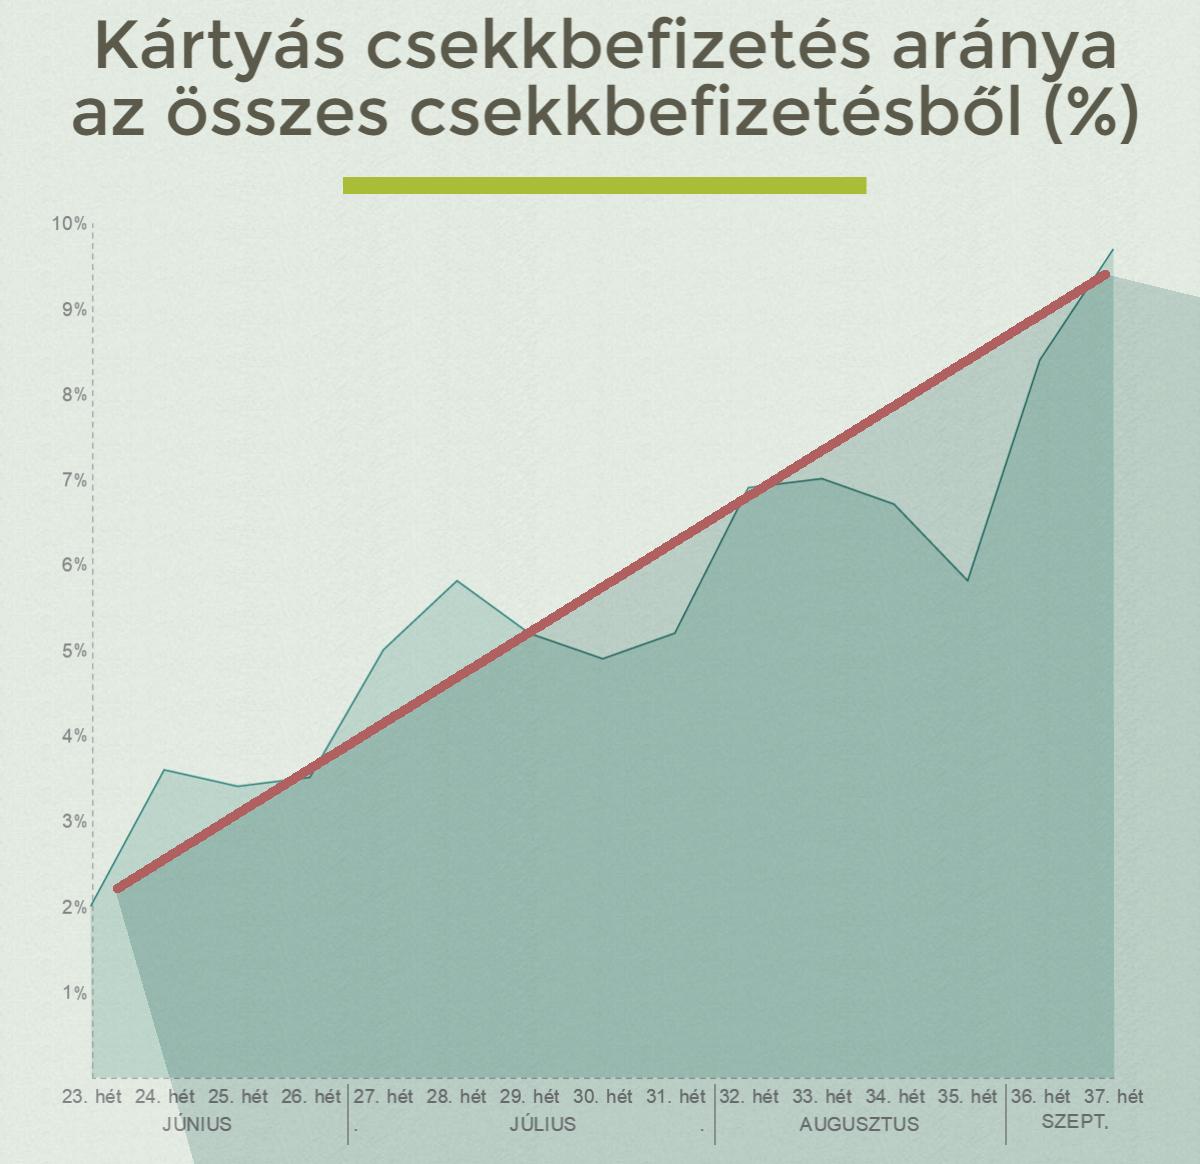 kartyas_csekkbefizetes_aranya_az_osszes_csekkbefizetesbol.jpg